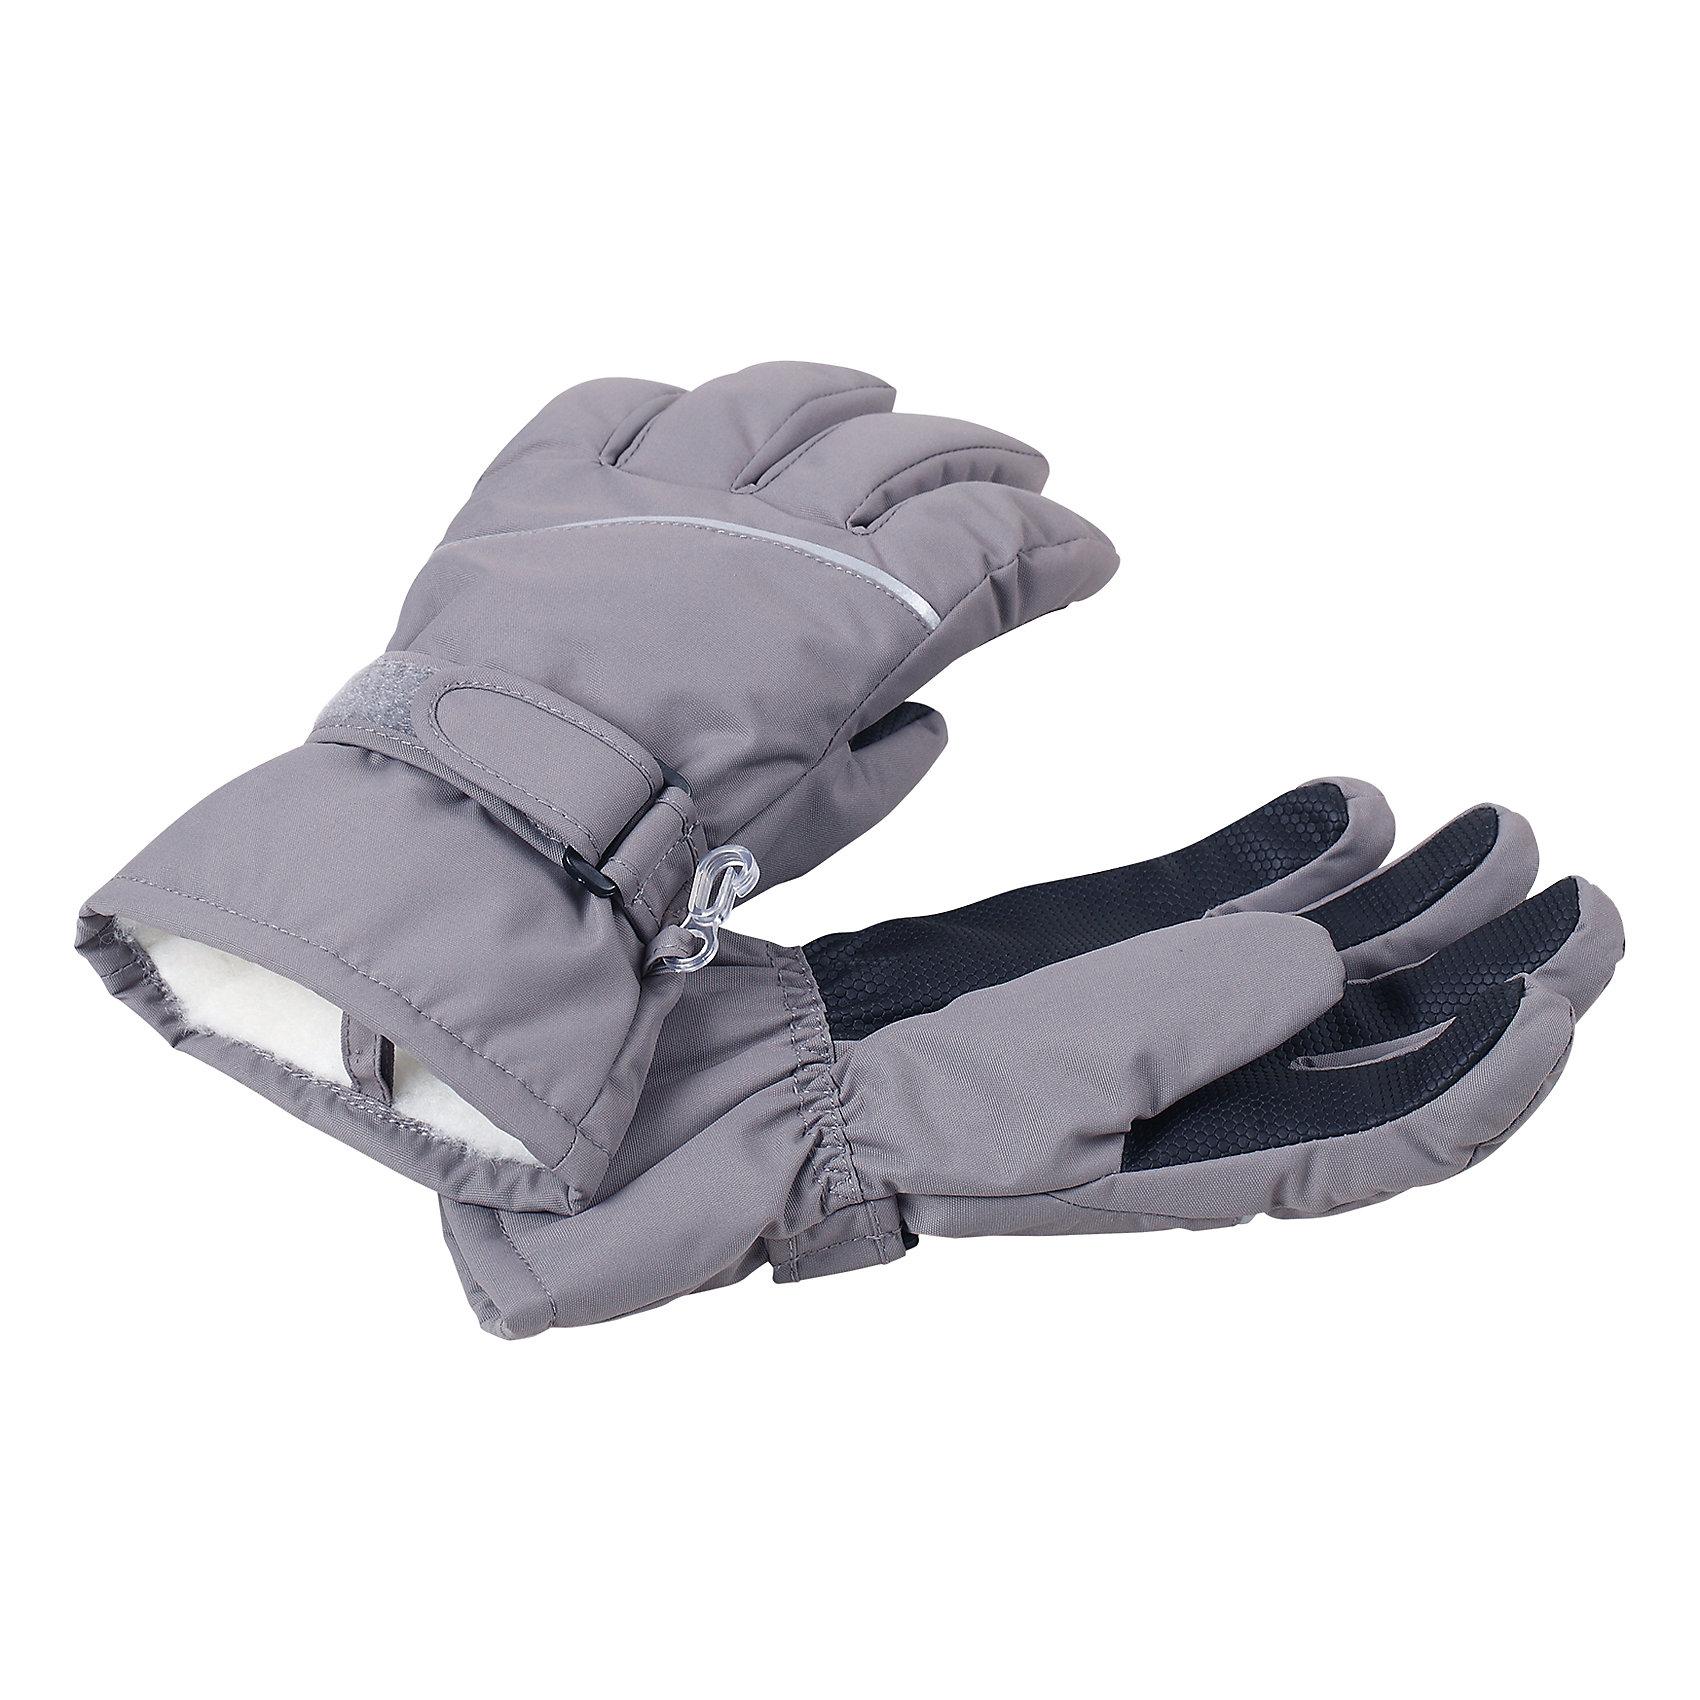 Перчатки Harald ReimaПерчатки  Reima<br>Зимние перчатки для детей. Водонепроницаемый материал, вставки отсутствуют — товар не является водонепроницаемым. Водо- и ветронепроницаемый и грязеотталкивающий материал. Накладки на ладонях, кончиках пальцев и больших пальцах. Теплая ворсистая подкладка из ткани из смеси шерсти. Средняя степень утепления. Простая застежка на липучке. Логотип Reima® сбоку. Светоотражающие полосы.<br>Утеплитель: Reima® Comfortinsulation,80 g<br>Уход:<br>Стирать по отдельности. Стирать моющим средством, не содержащим отбеливающие вещества. Полоскать без специального средства. Сушить при низкой температуре. <br>Состав:<br>100% Полиамид, полиуретановое покрытие<br><br>Ширина мм: 162<br>Глубина мм: 171<br>Высота мм: 55<br>Вес г: 119<br>Цвет: серый<br>Возраст от месяцев: 144<br>Возраст до месяцев: 168<br>Пол: Унисекс<br>Возраст: Детский<br>Размер: 8,3,4,5,6,7<br>SKU: 4779799